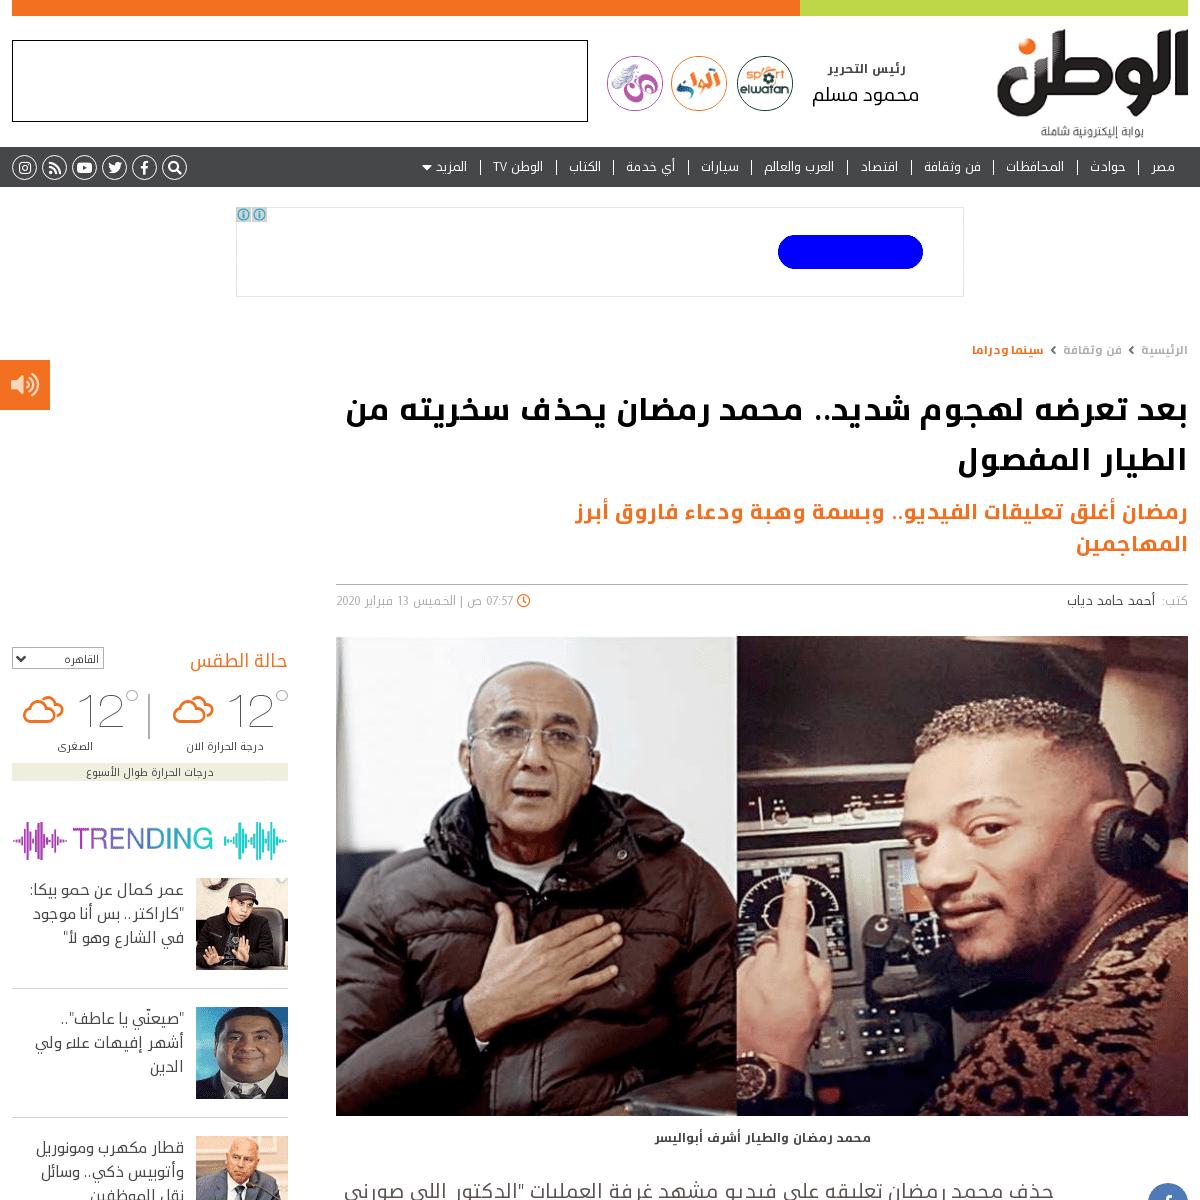 بعد تعرضه لهجوم شديد.. محمد رمضان يحذف سخريته من الطيار المفصول - فن وثق